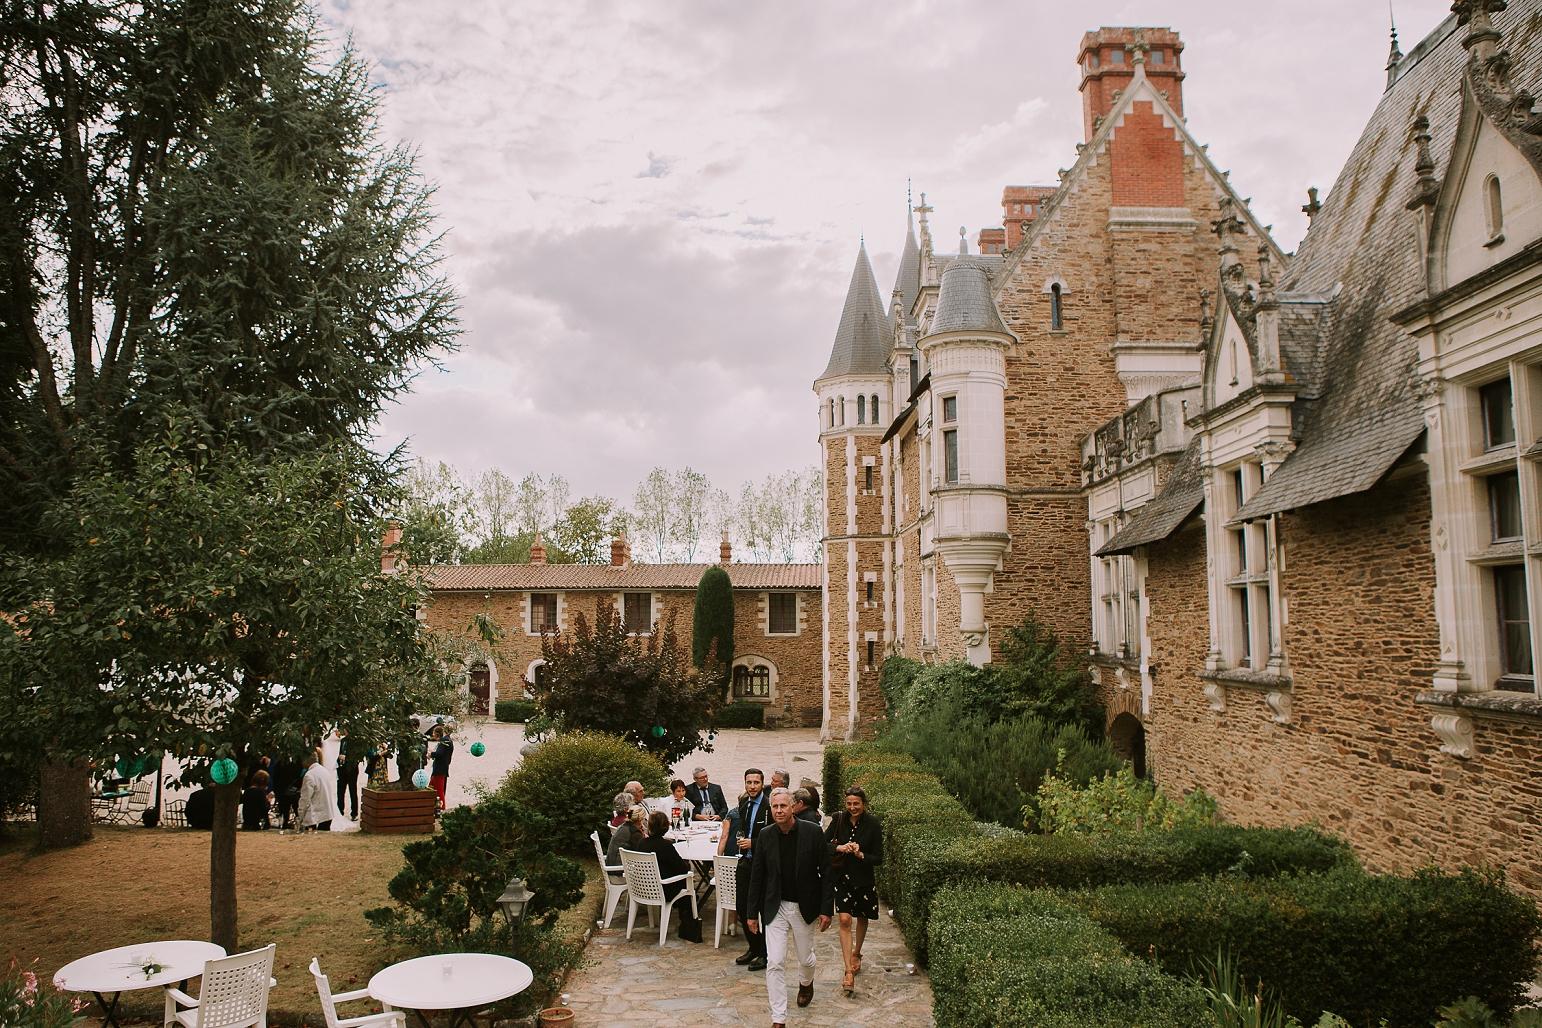 kateryna-photos-mariage-wedding-france-bretagne-pays-de-la-loire-chateau-de-la-colaissiere-st-sauveur-de-landemont_0078.jpg